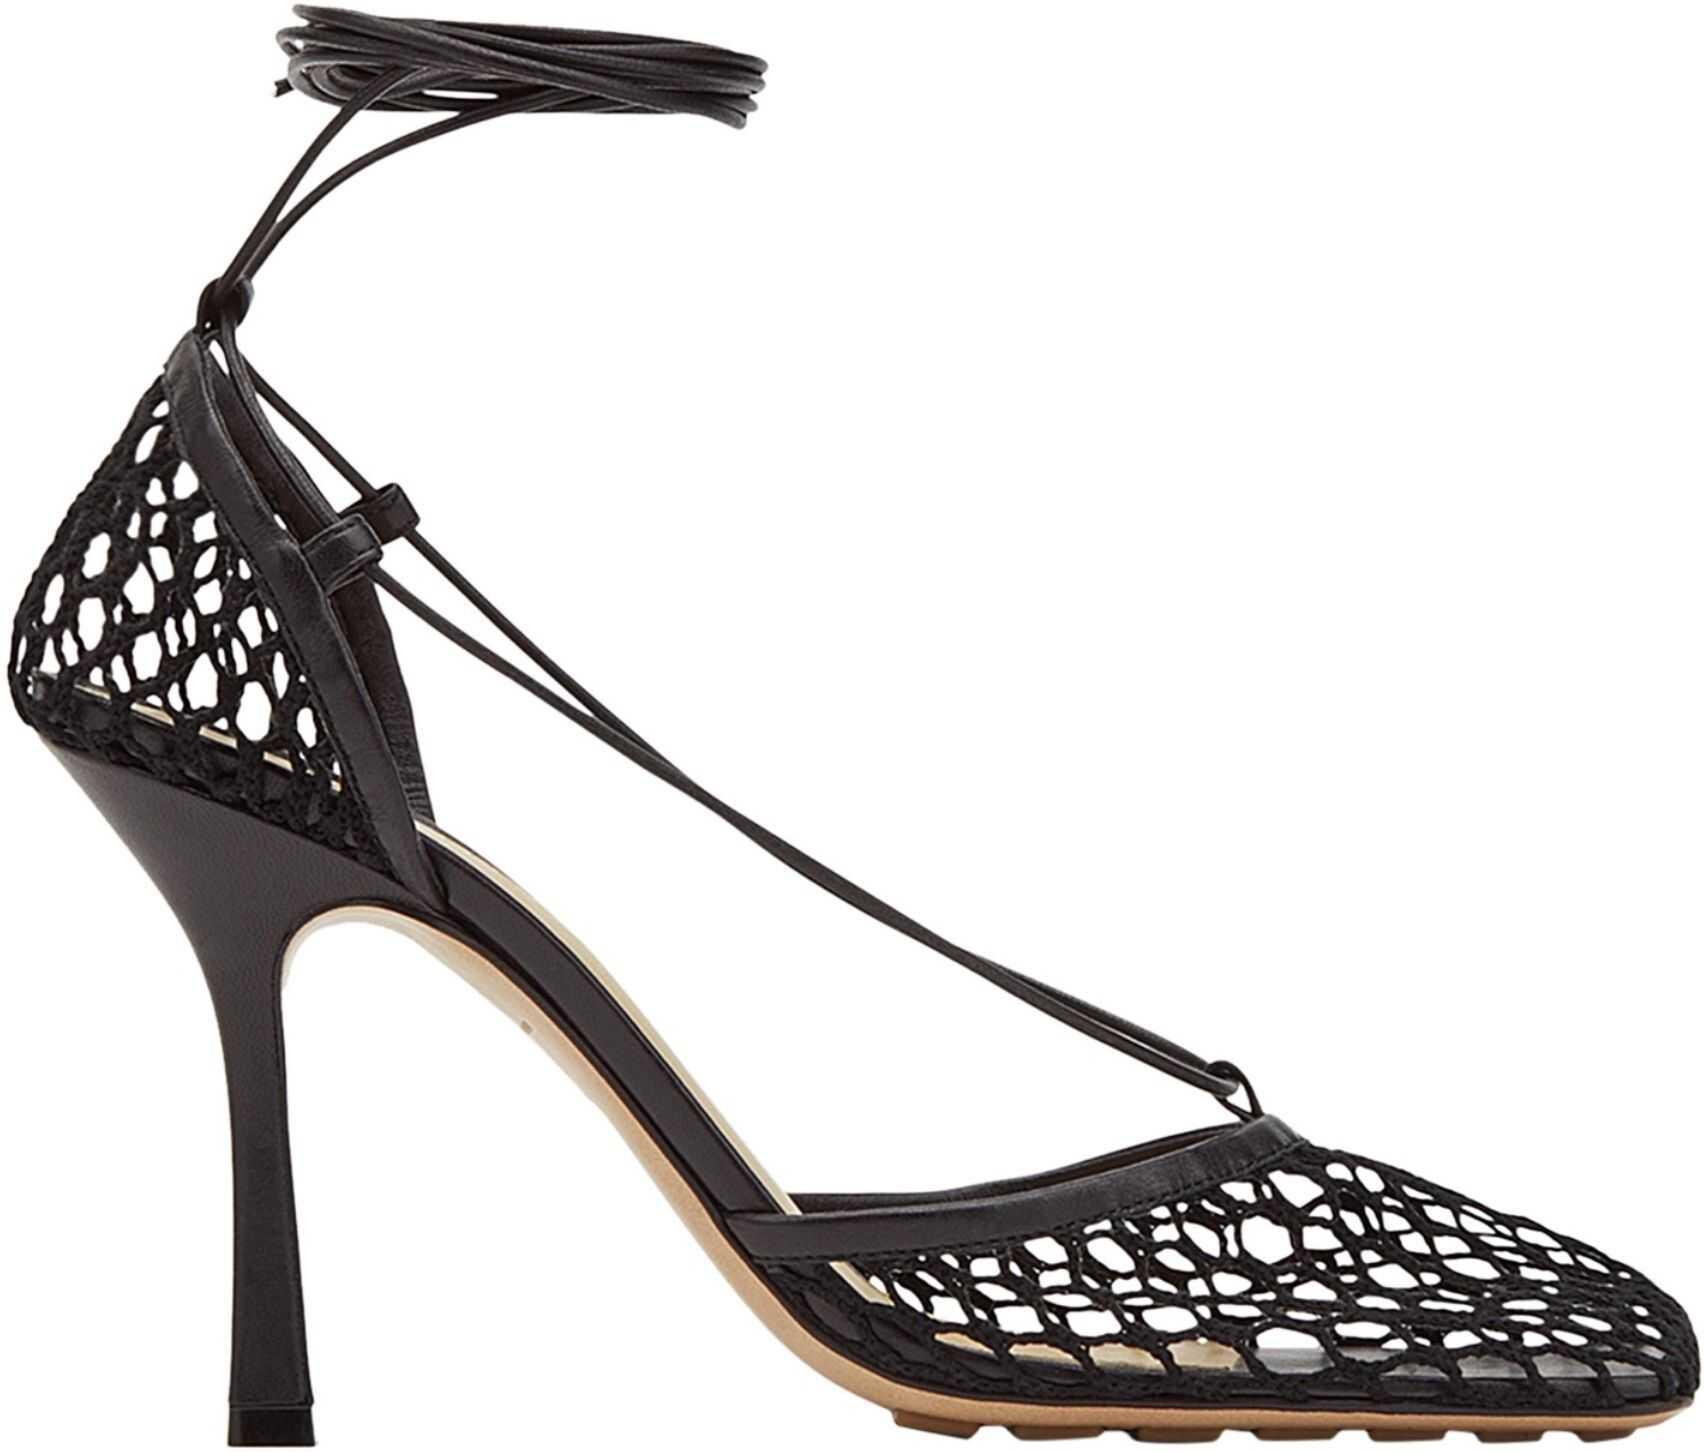 Bottega Veneta Stretch Sandals 651388_VBSD31000 BLACK imagine b-mall.ro